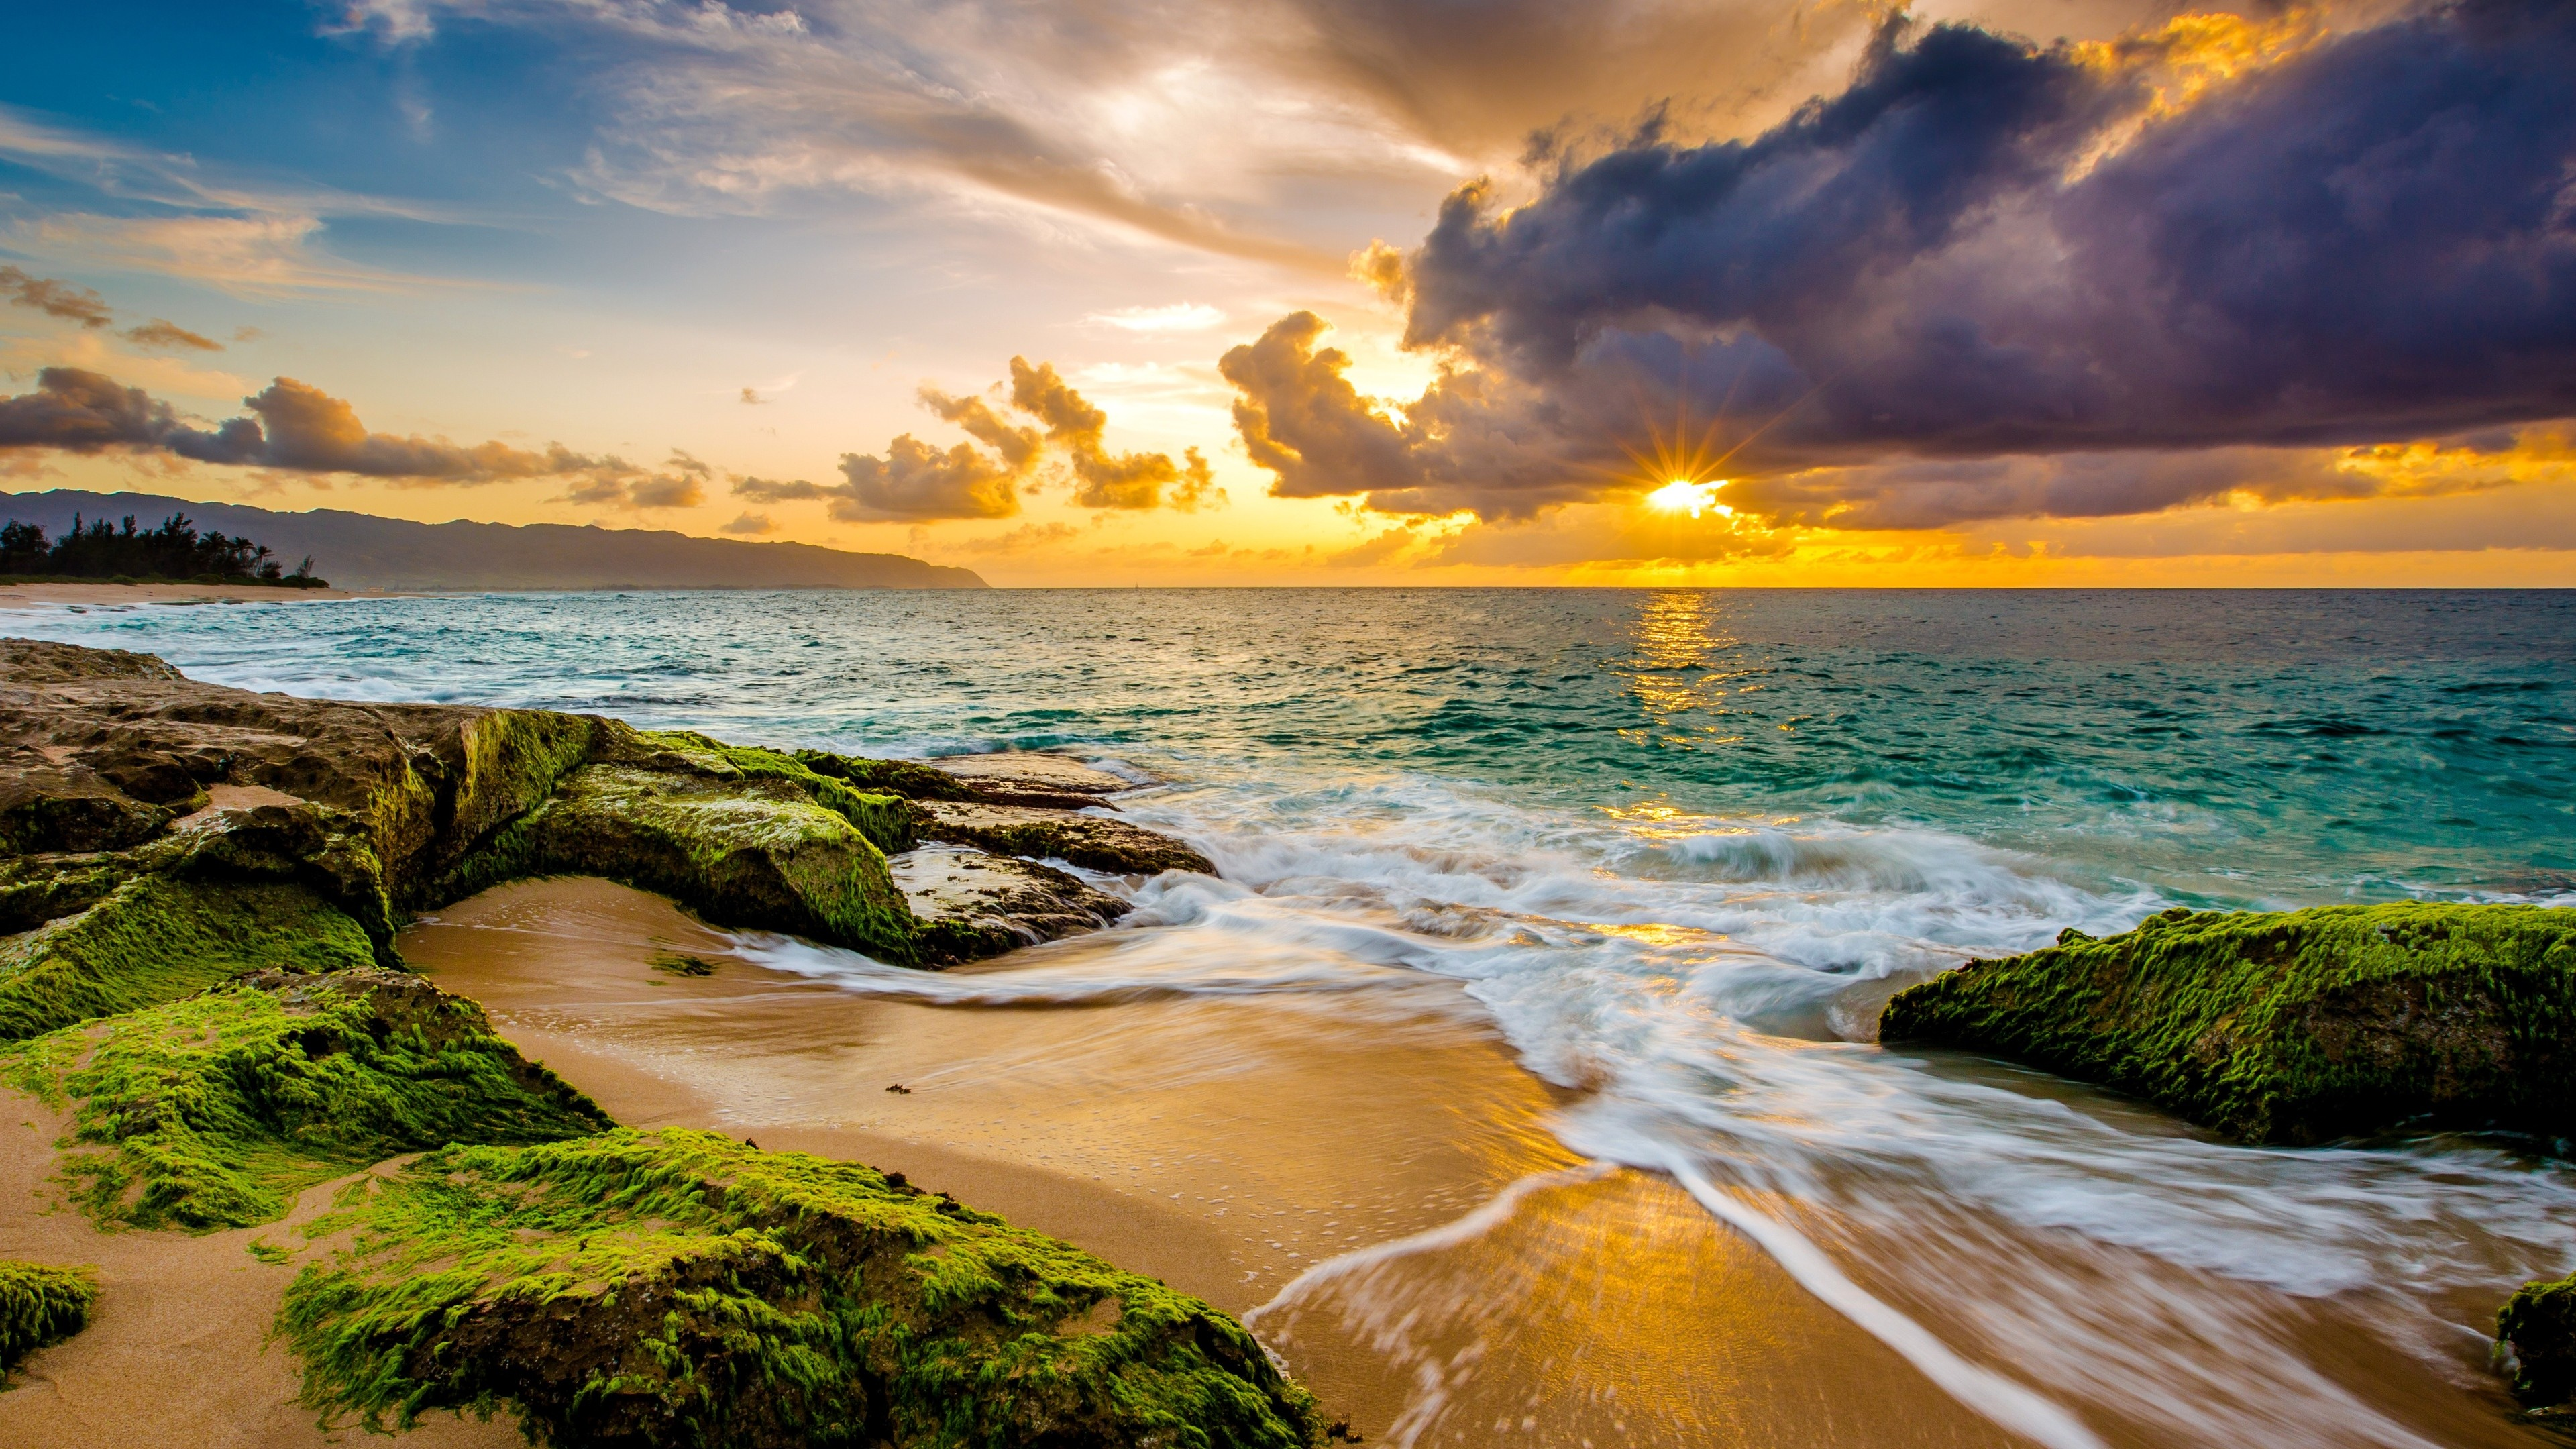 Fondos de pantalla Playa al atardecer en Hawaii